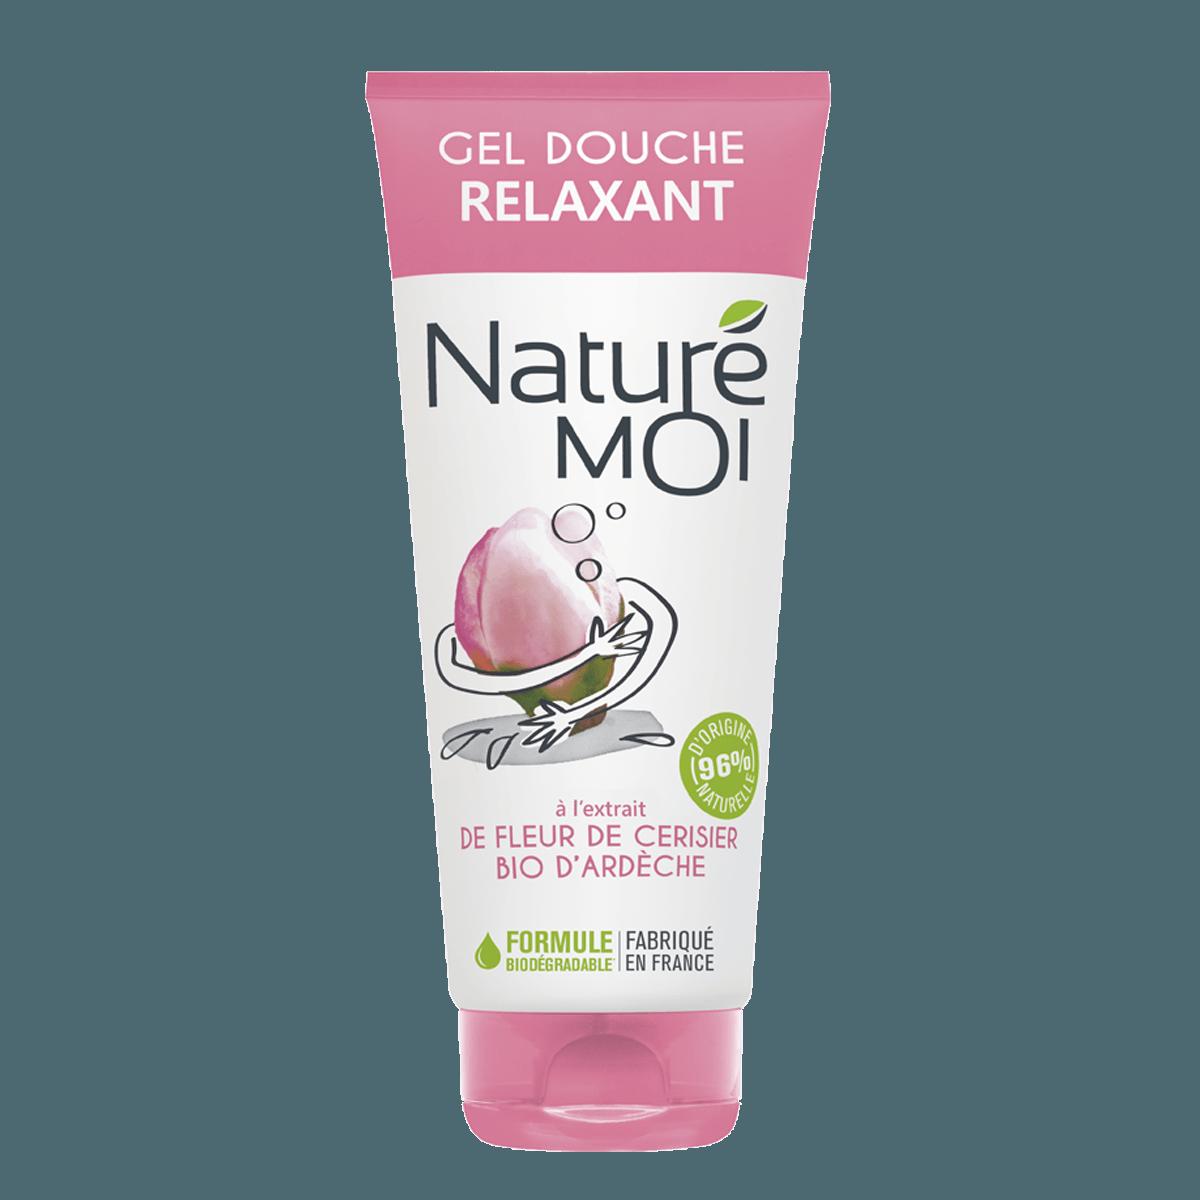 Gel Douche Relaxant à la fleur de cerisier BIO d'Ardèche